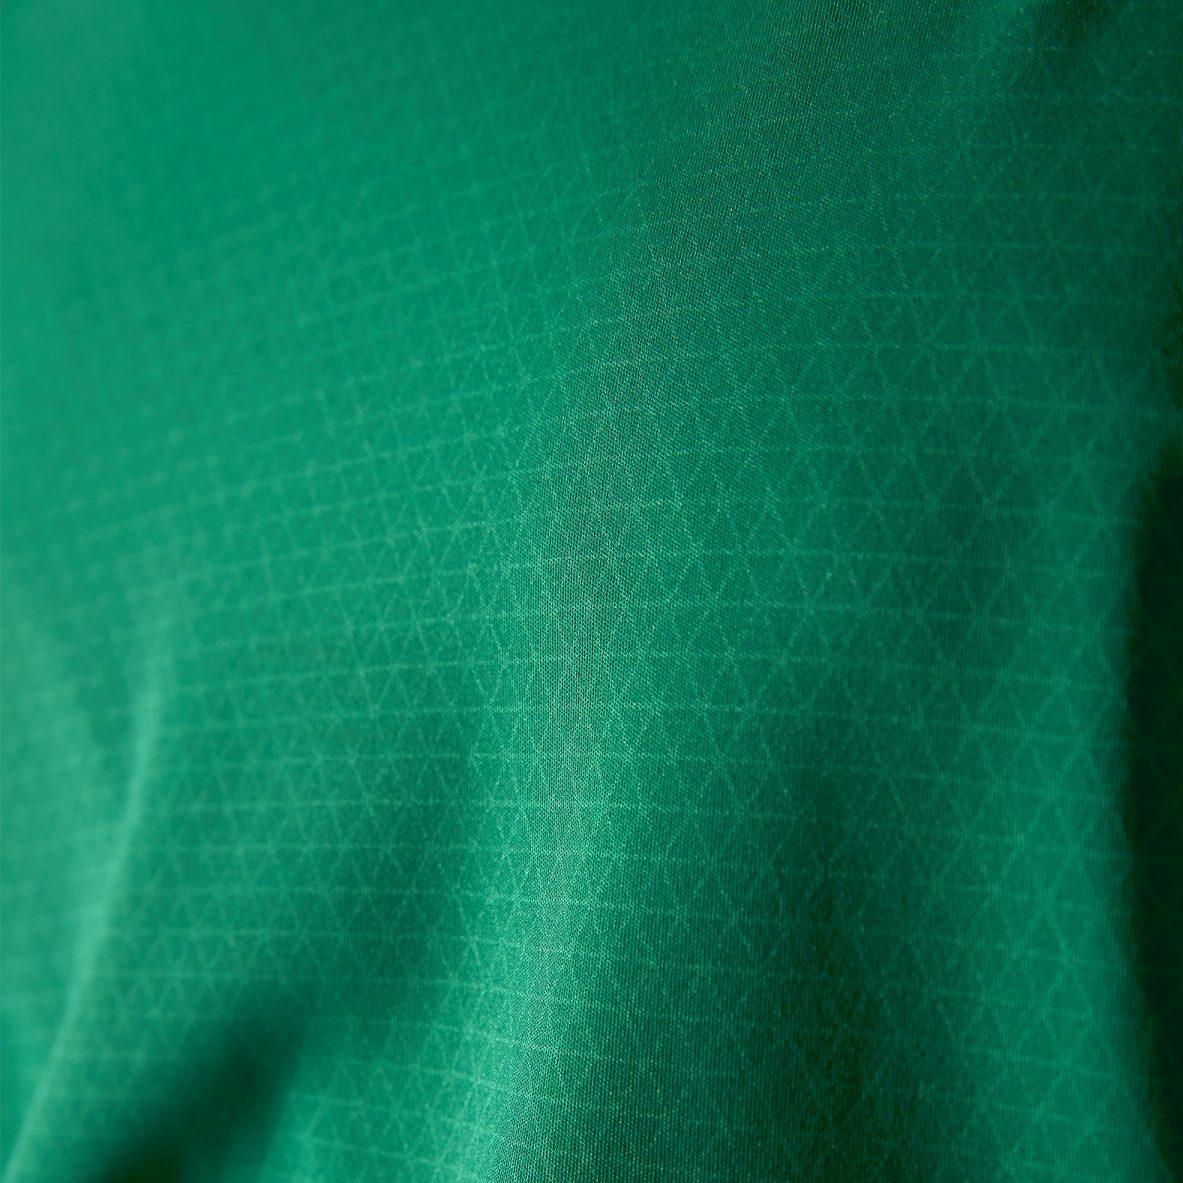 Cooling Print auf der Innenseite des Shirts, kühlt sobald er mit Feuchtigkeit in Kontakt kommt